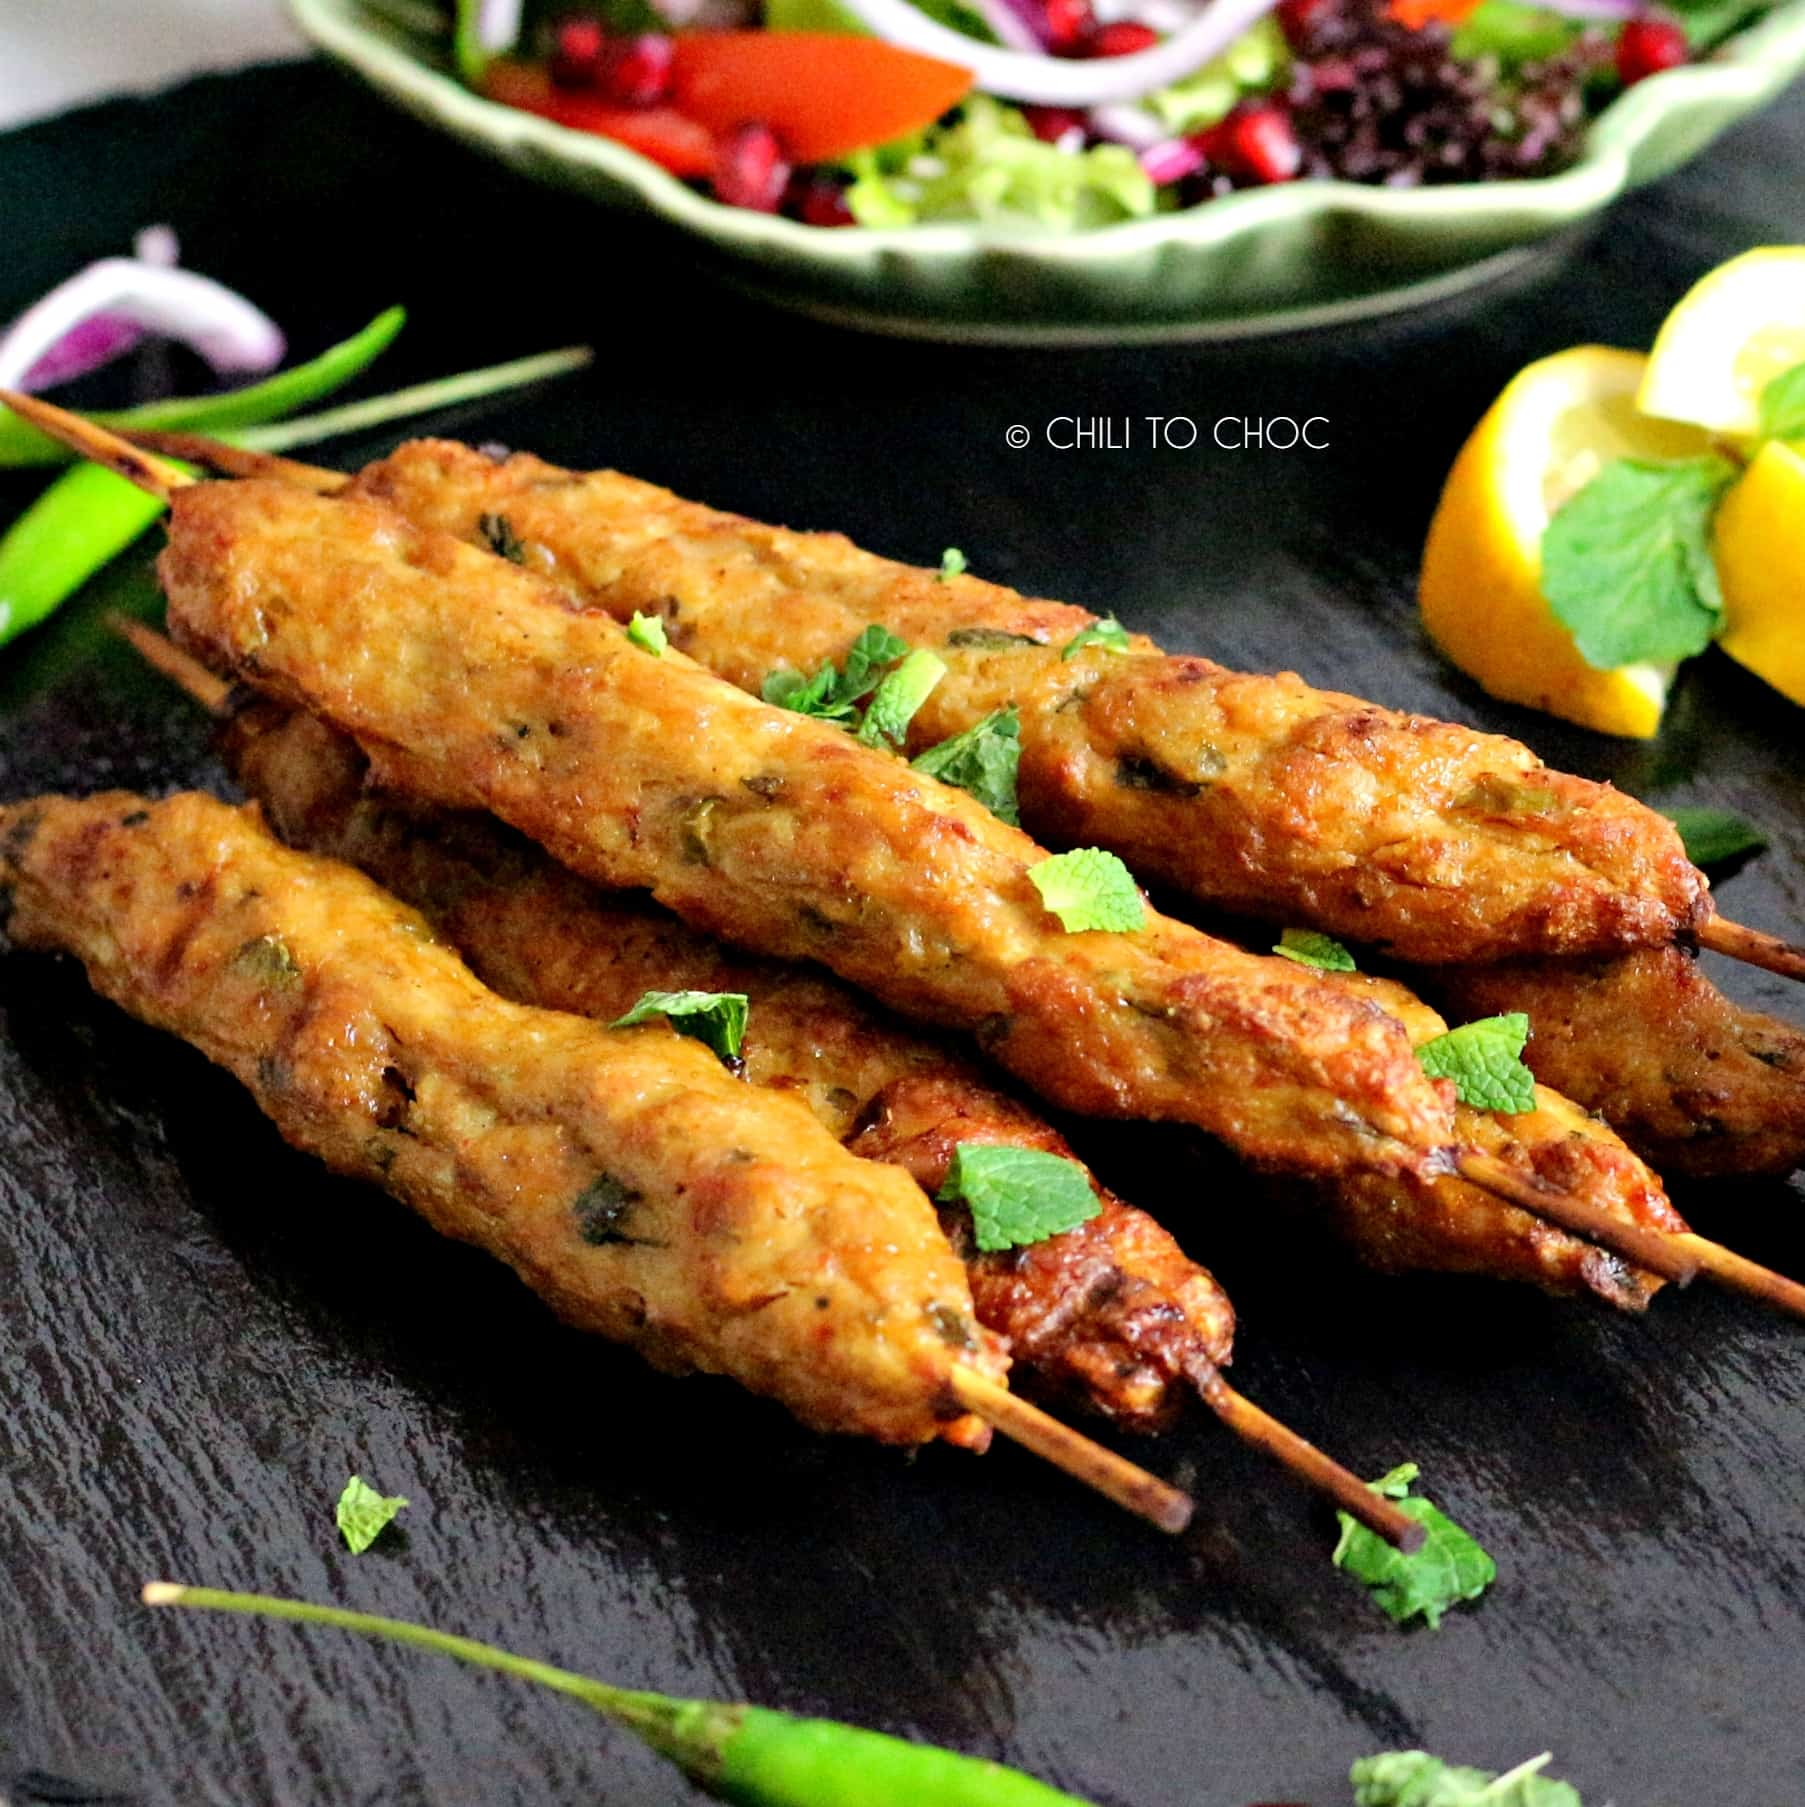 Beef Seekh Kabab - Chili to Choc